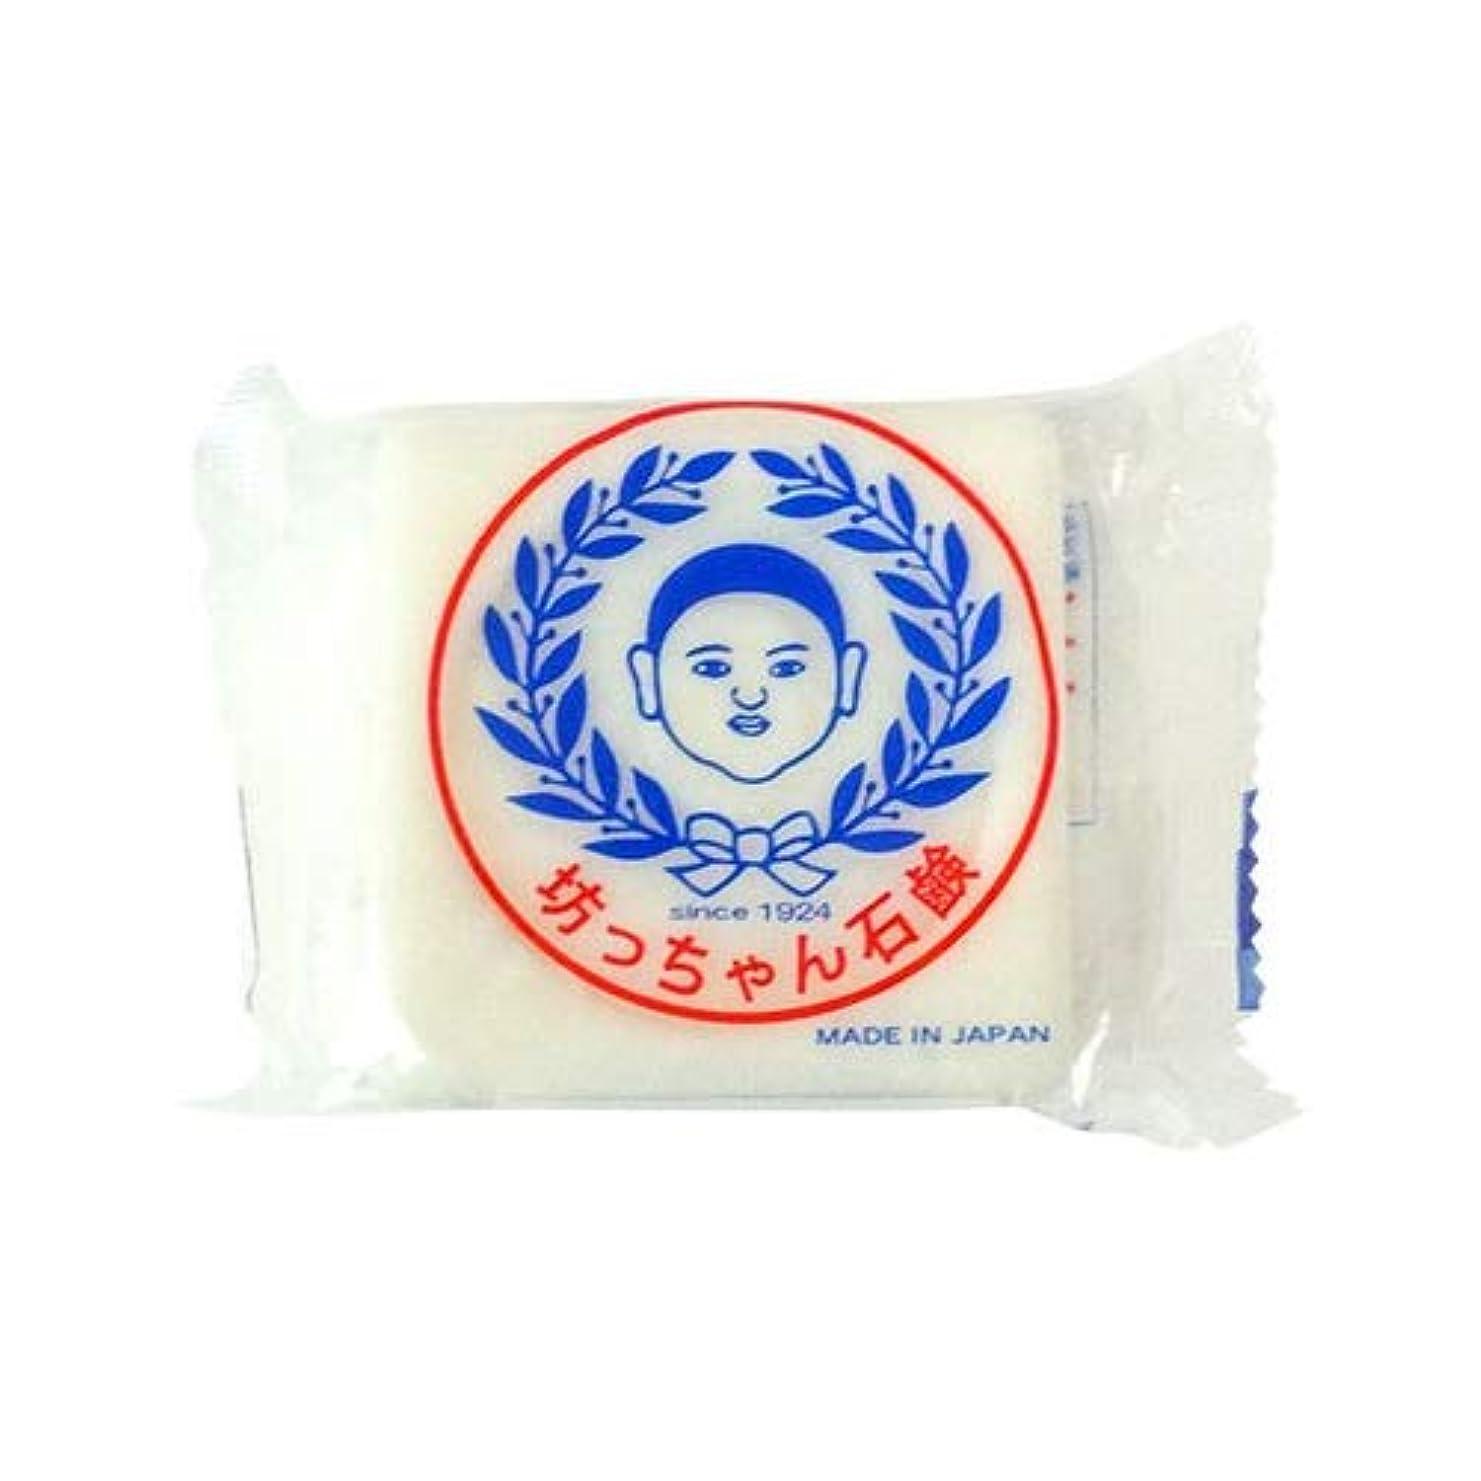 溶接ブラシ少数坊っちゃん石鹸 ミニサイズ 100g